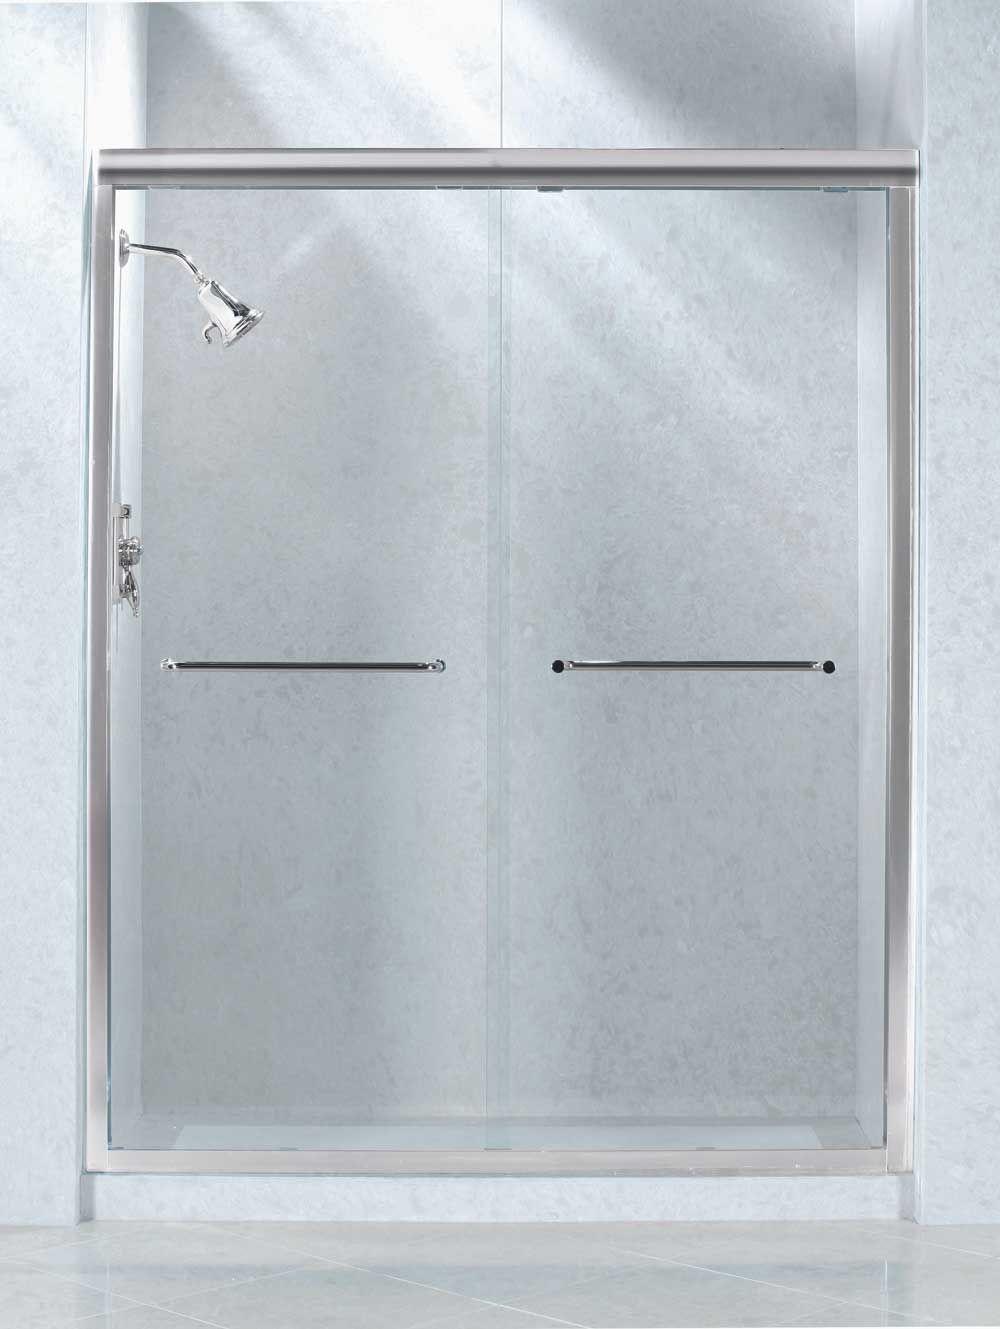 Install Bypass Door Hardware for Shower - http://decor.littlecatgut ...